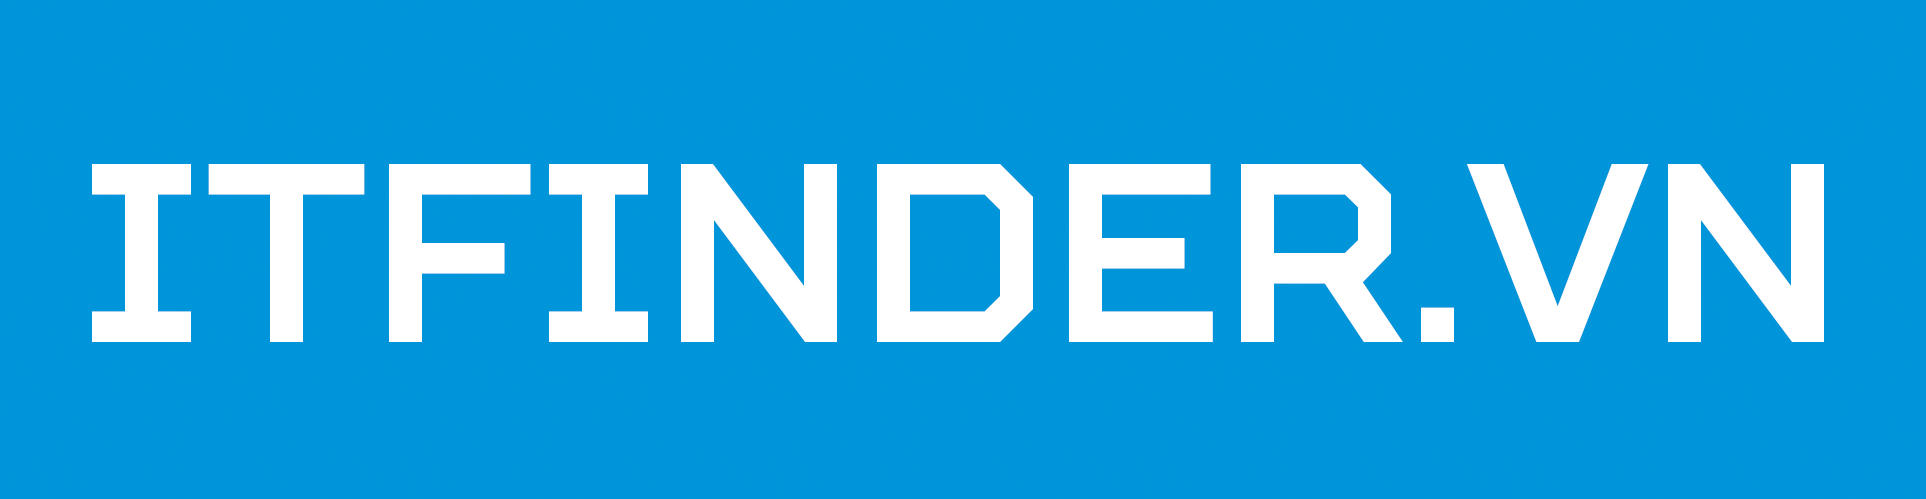 ITFinder.vn IT Headhunter